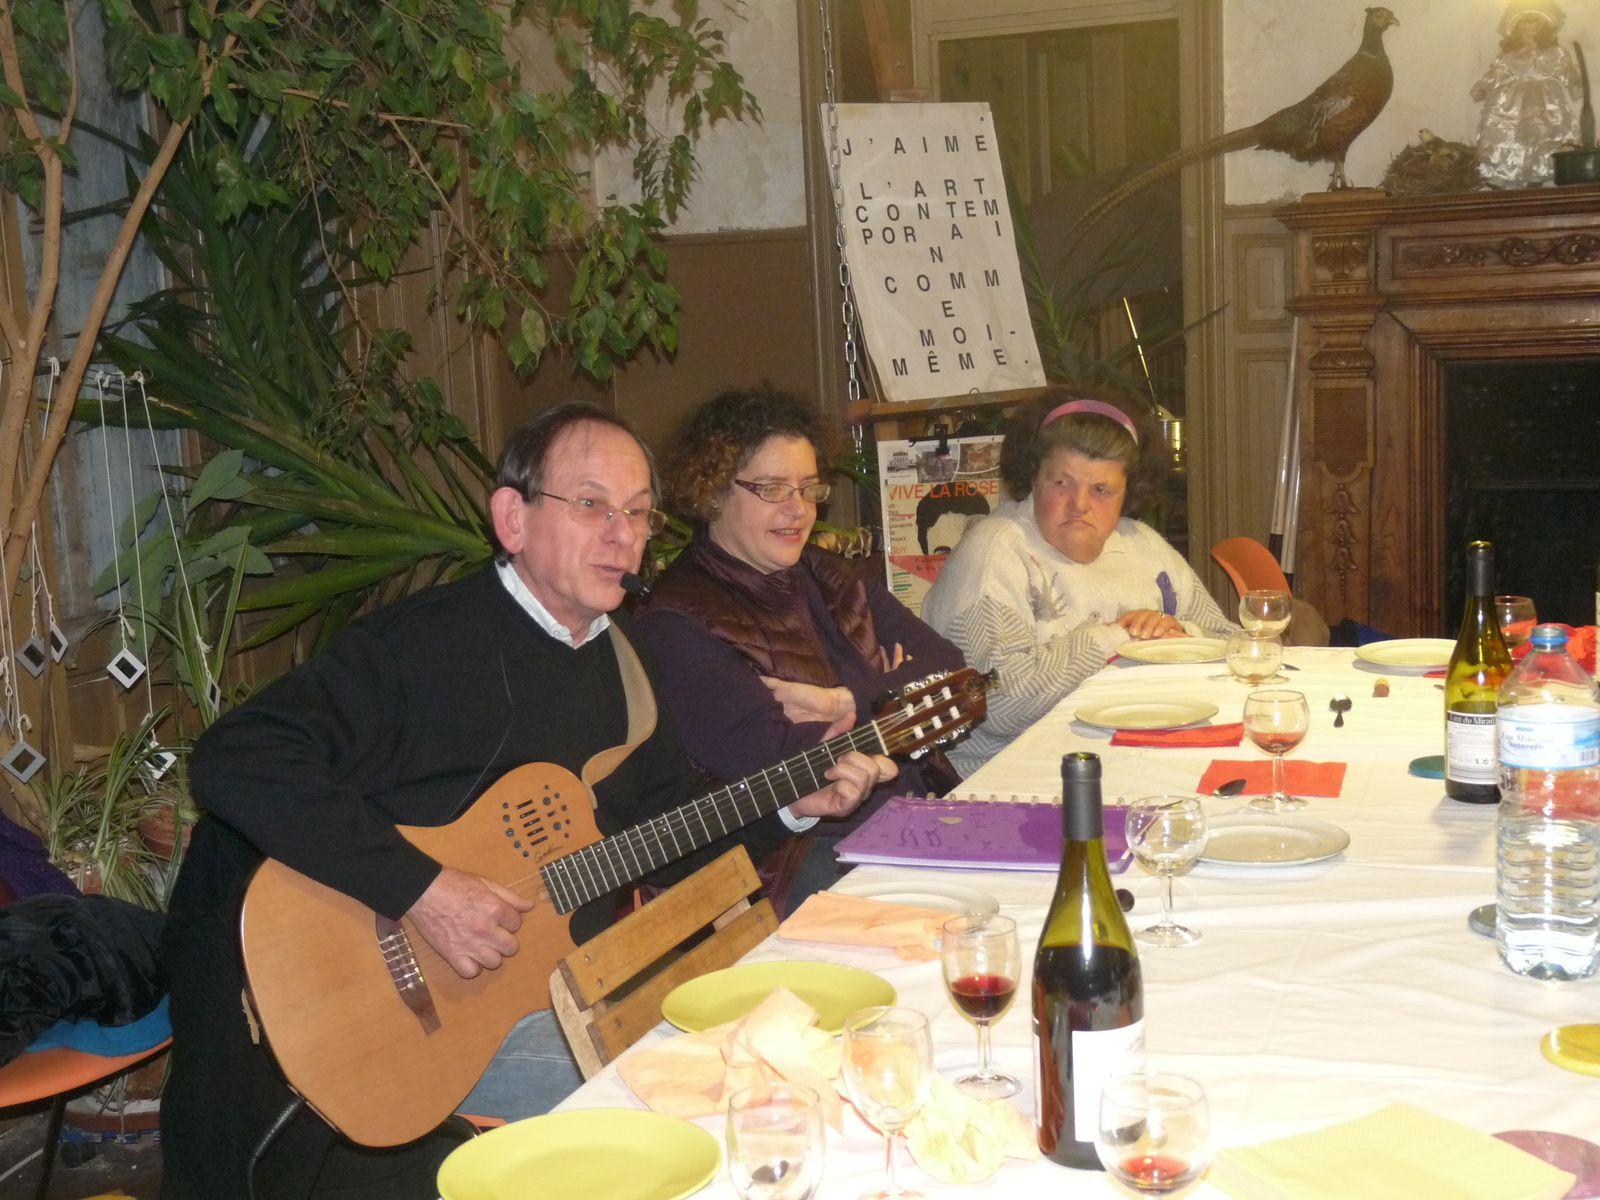 Guy Serena chante en s'accompagnant  à la guitare des chansons du répertoire français